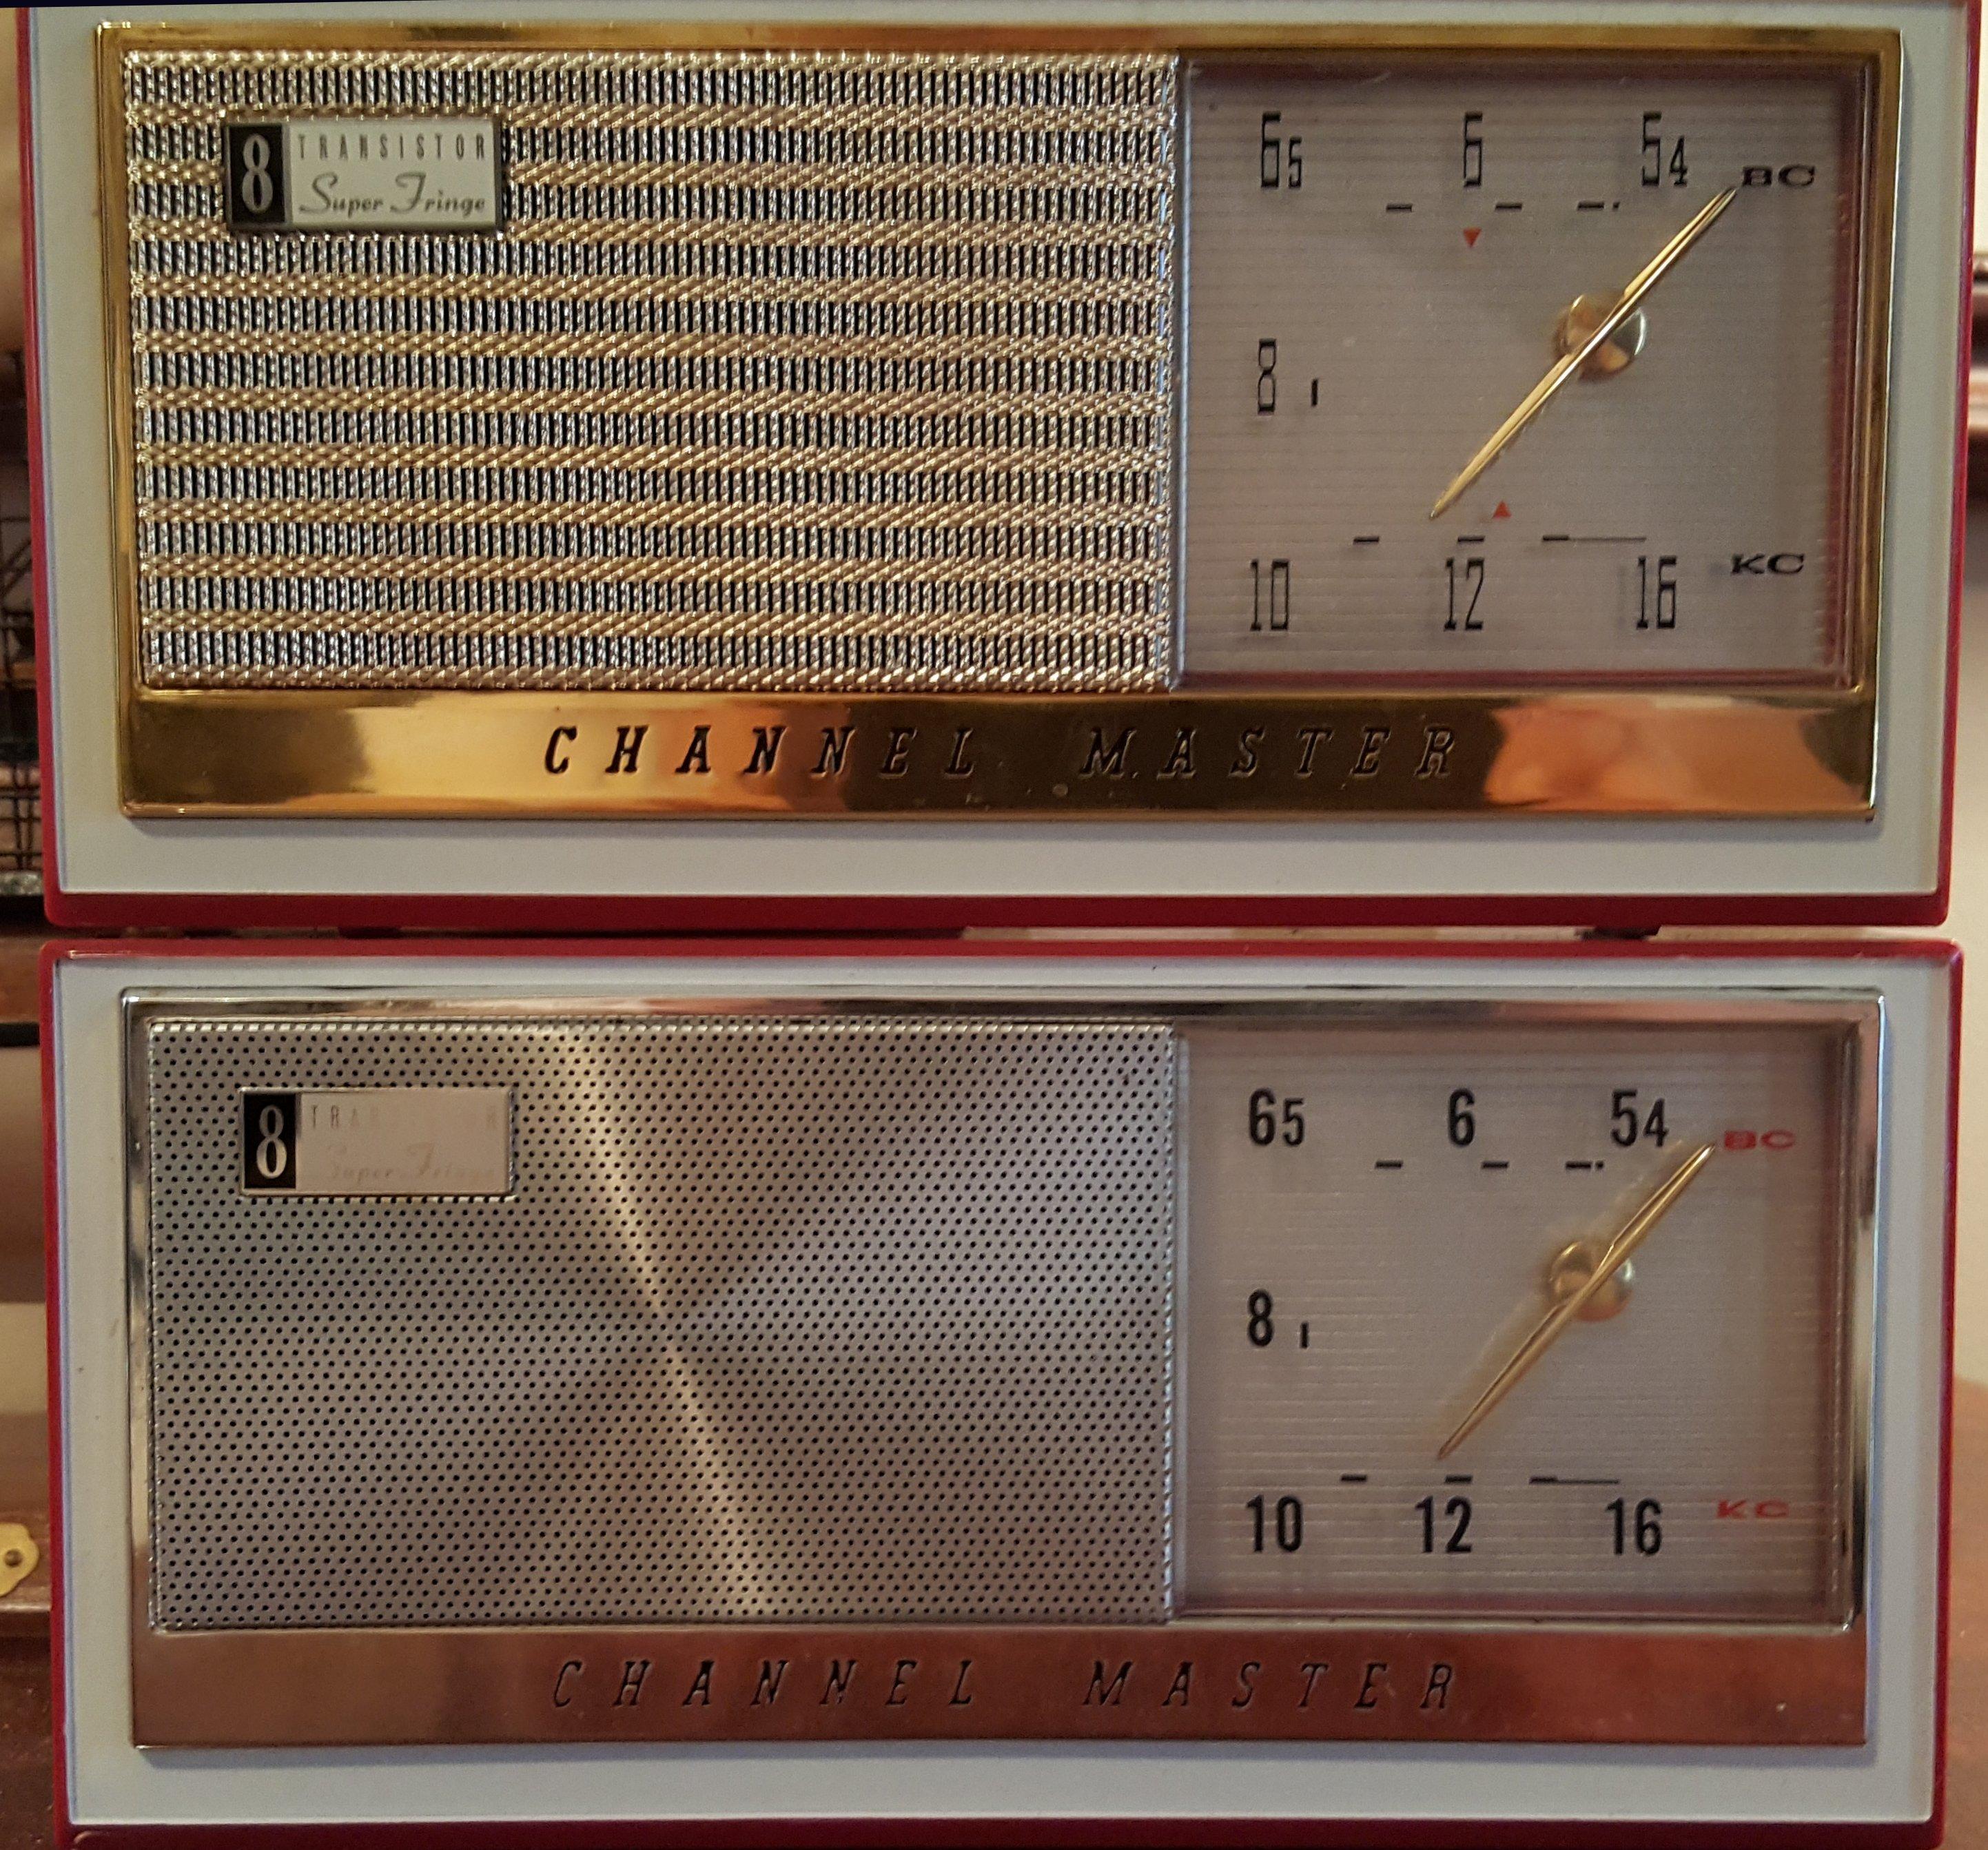 """Channel Master 6515 """"Super Fringe"""" AM radio   radiojayallen"""